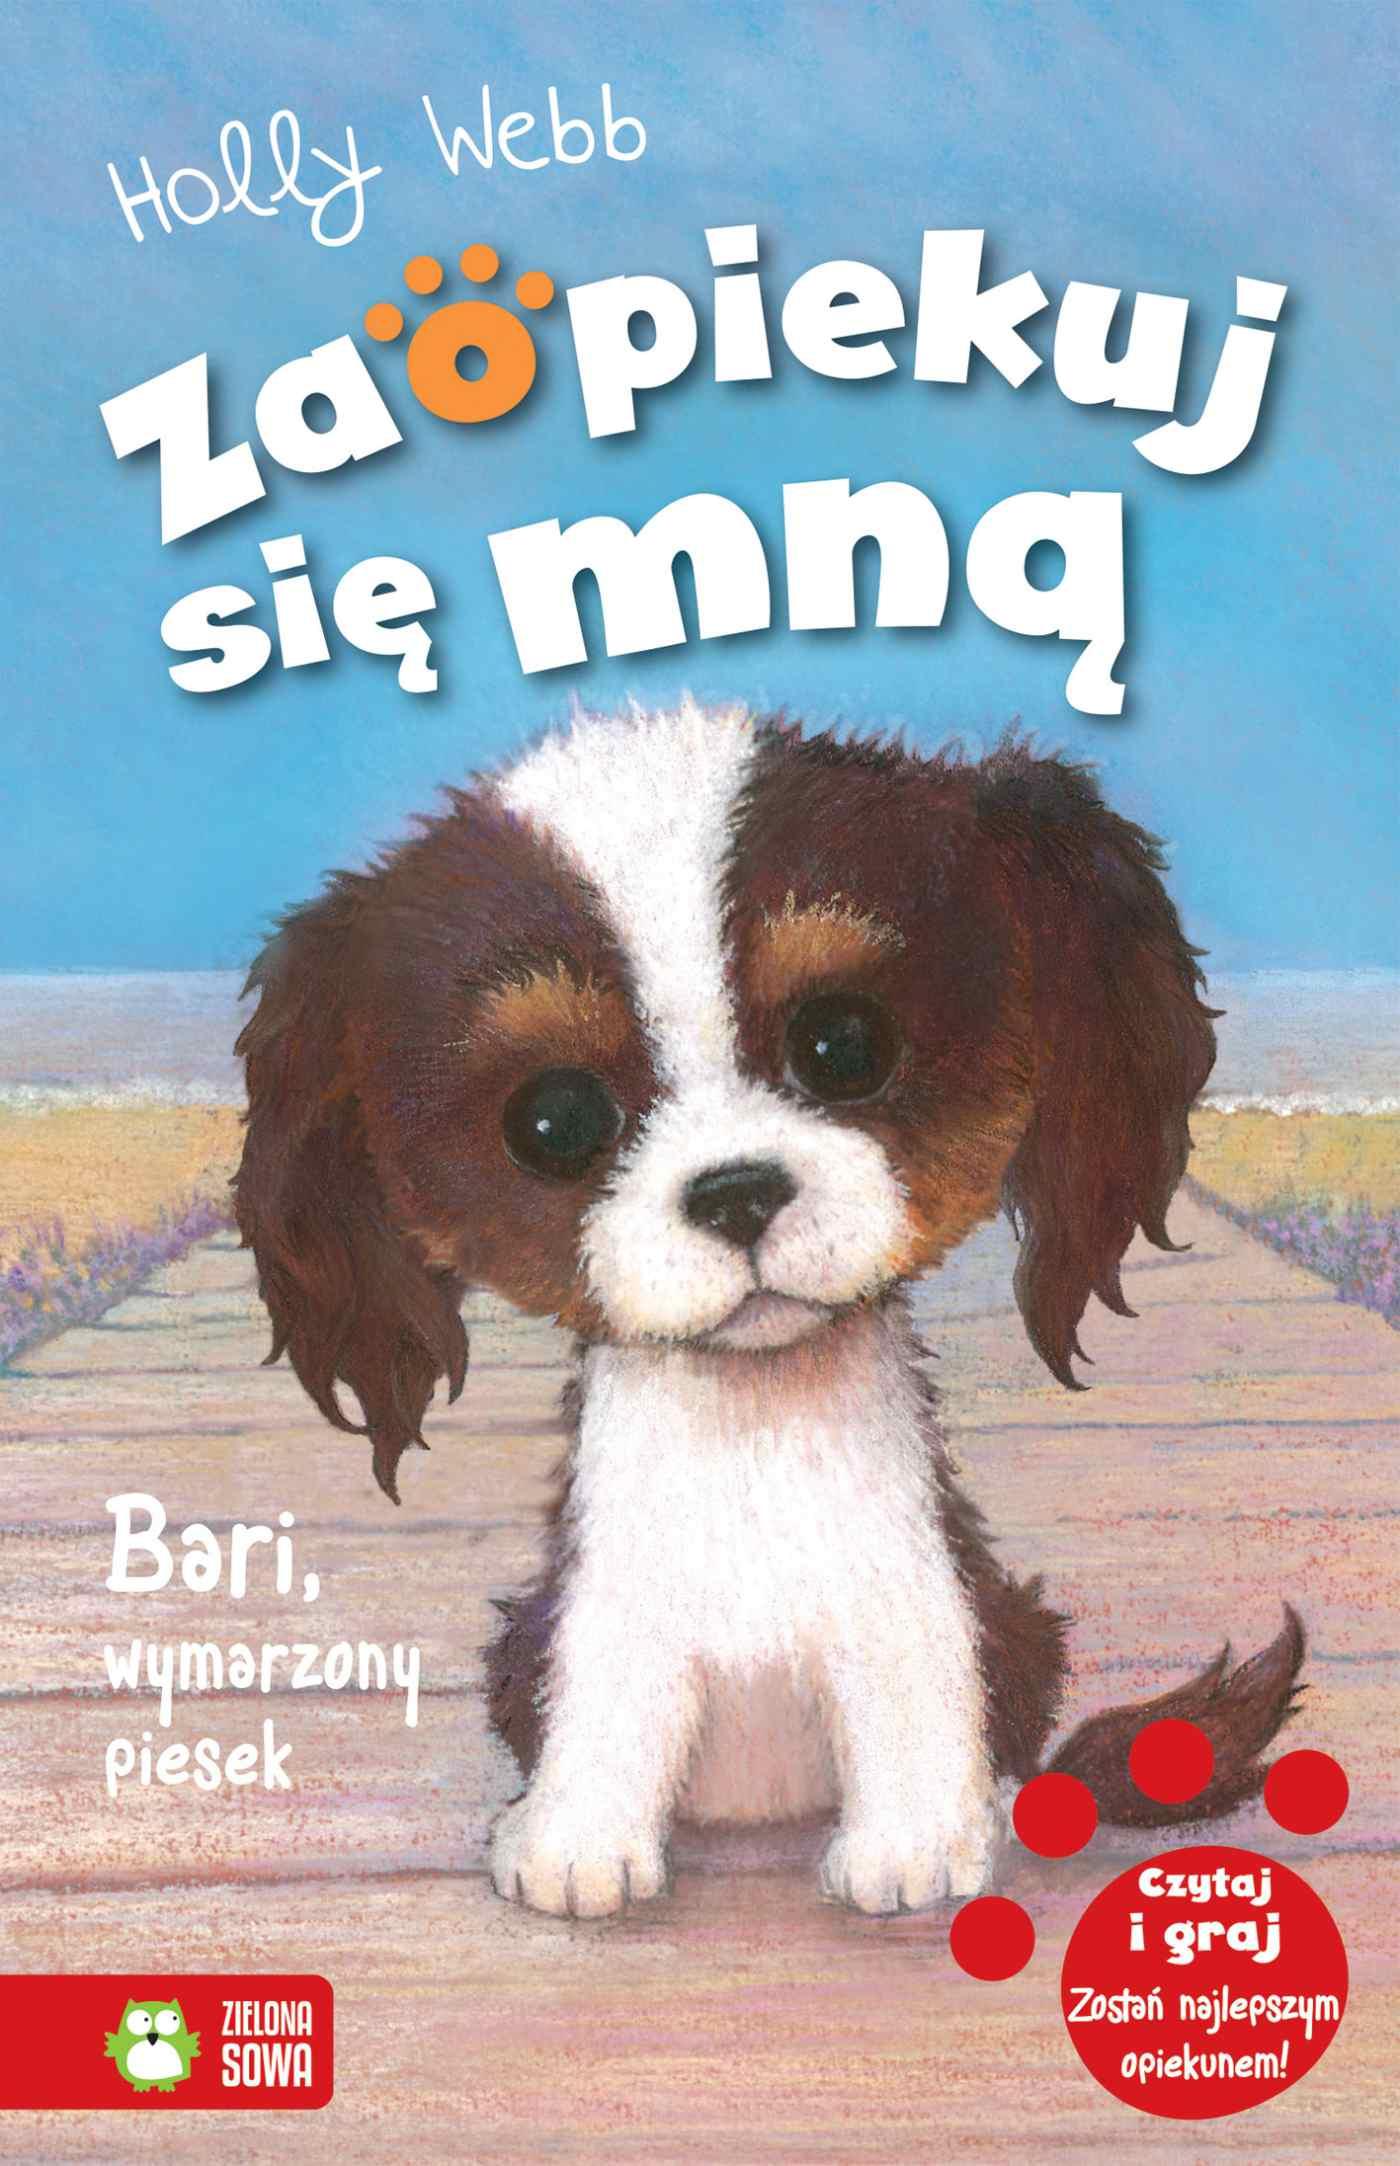 Bari, wymarzony piesek - Ebook (Książka na Kindle) do pobrania w formacie MOBI